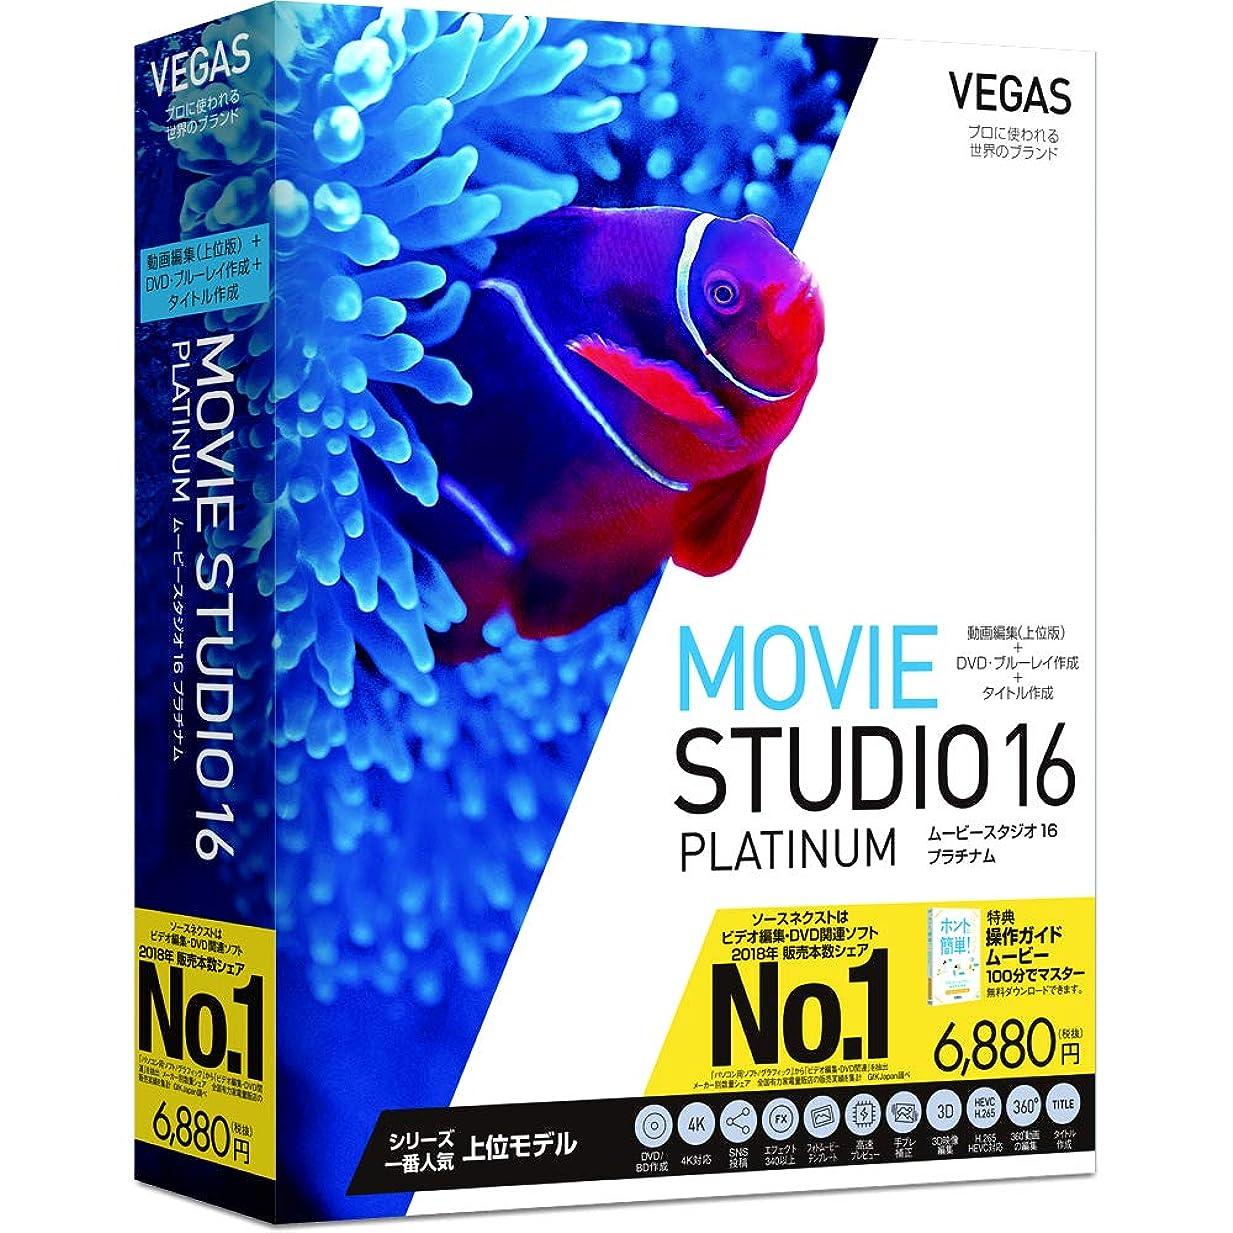 混乱させる気球くびれたVEGAS Movie Studio 16 Platinum(最新)|Win対応